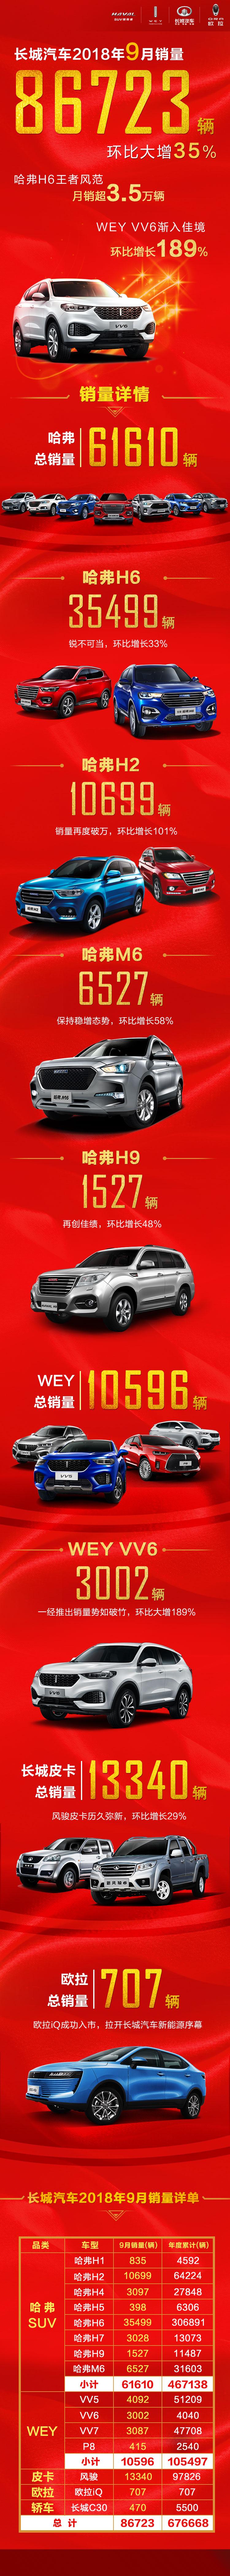 新闻通稿一:四大品牌全线飘红 长城汽车9月销售8.67万辆 环比大增35%8.jpg